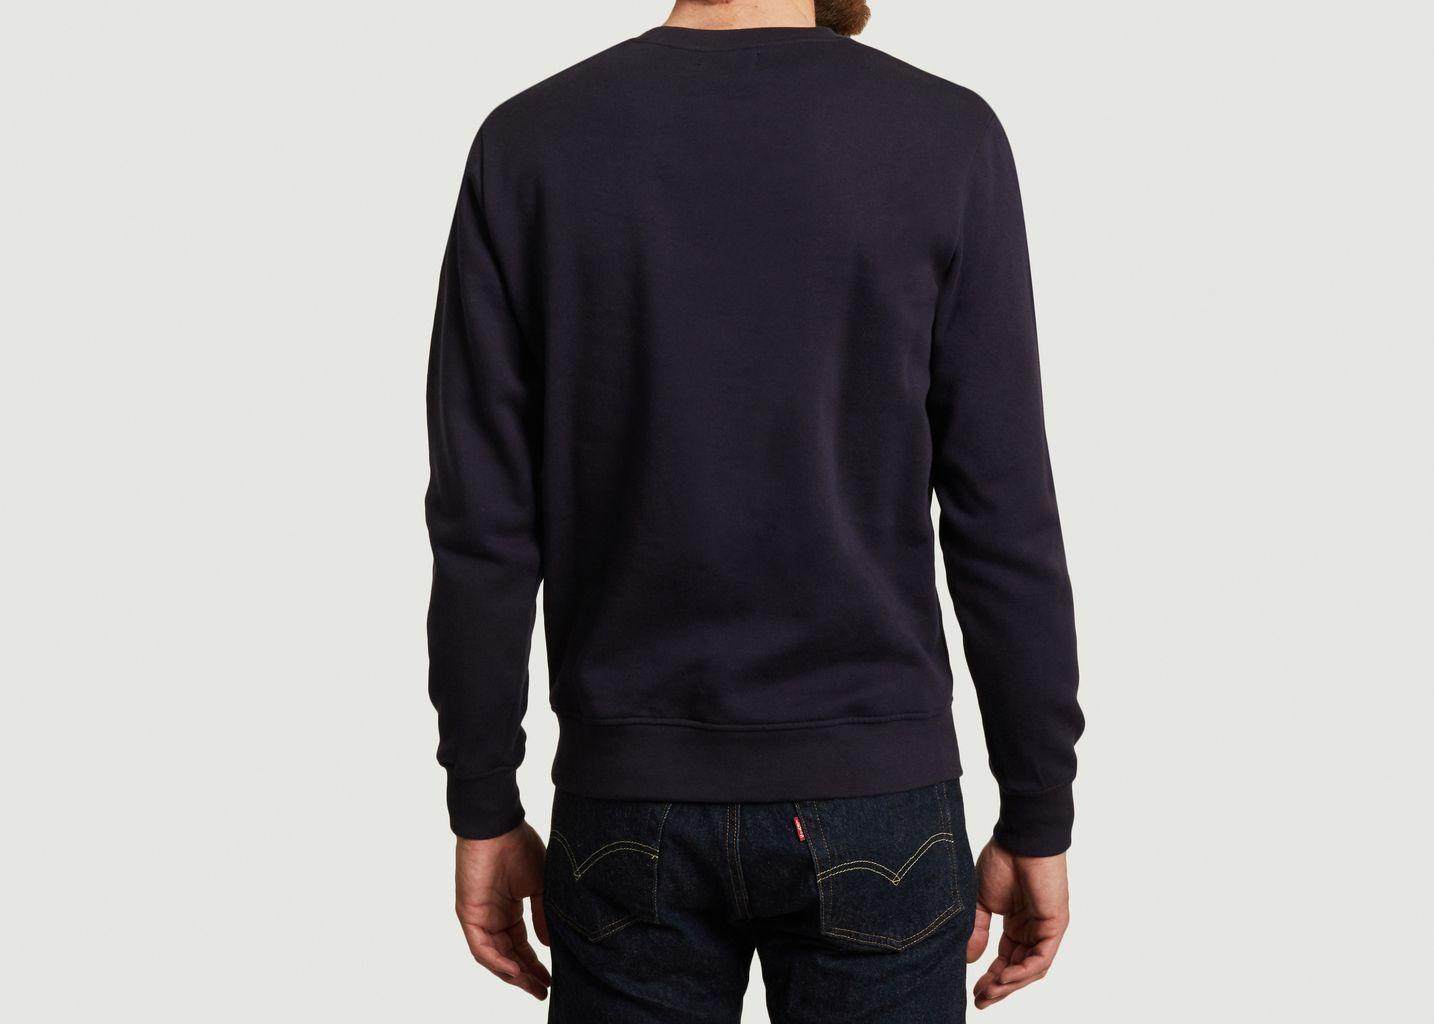 Sweatshirt en coton bio avec broderie Crococo - Olow